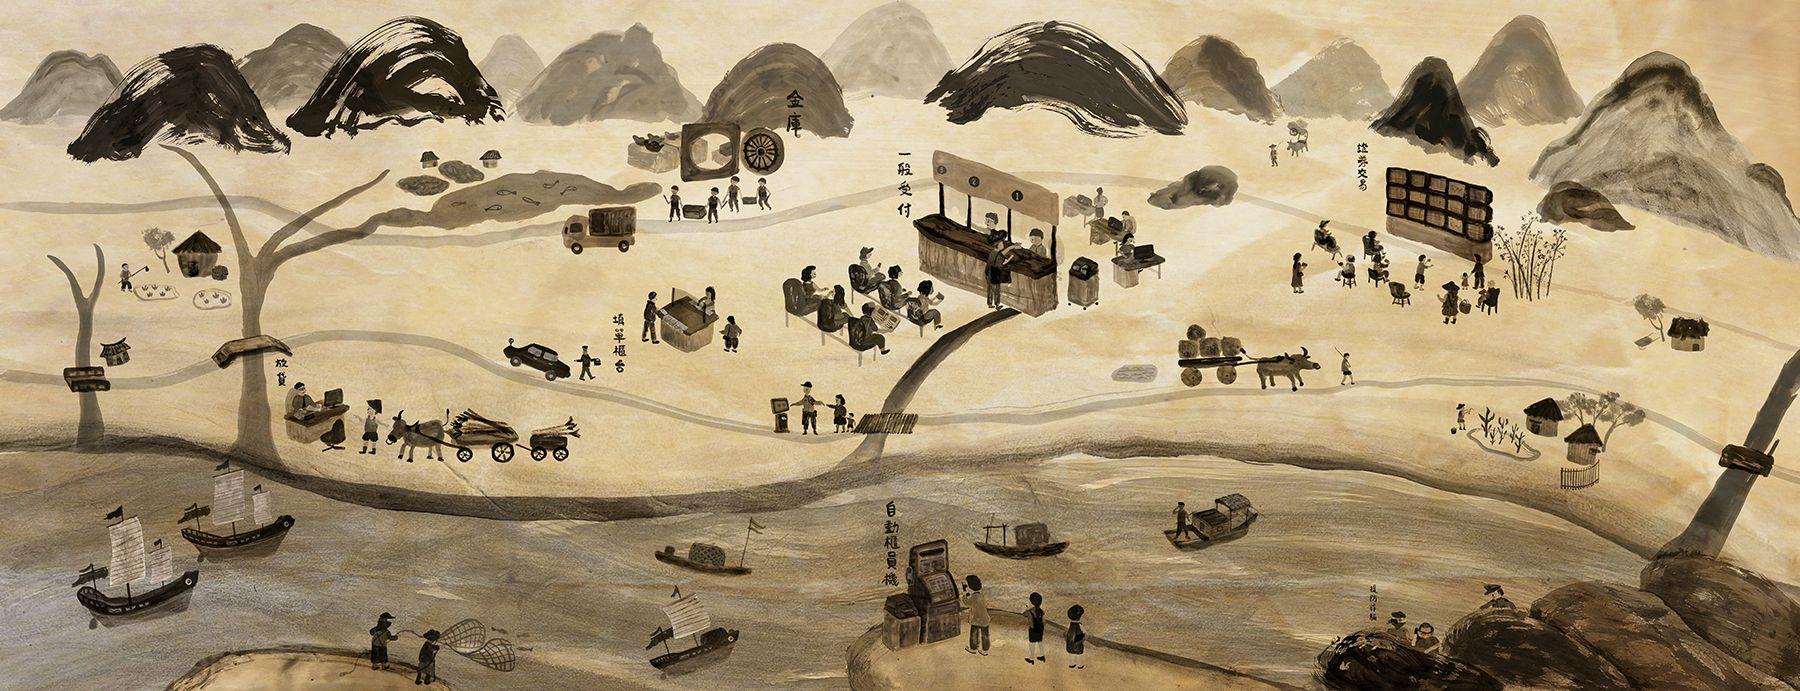 邀得跨足劇場與插畫的 ALLBOSS ,為北台南分行親自創作《我古時候都去銀行》畫作。圖⽚來源:Plan b